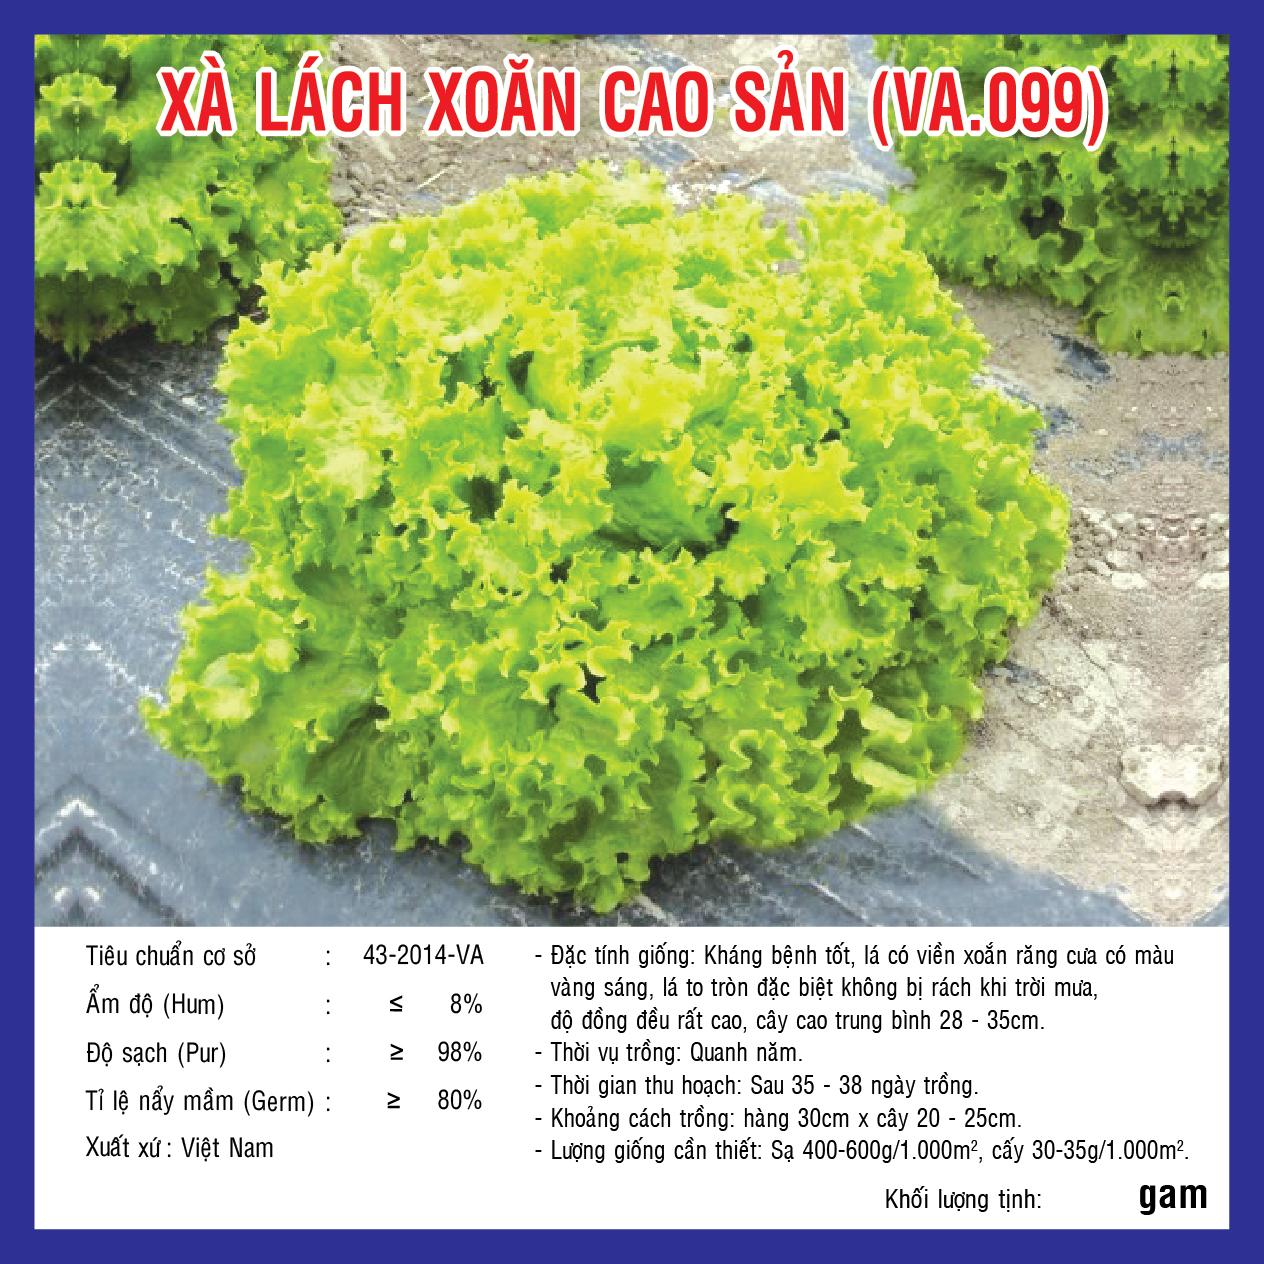 XÀ LÁCH XOĂN CAO SẢN (VA.099) 10GR